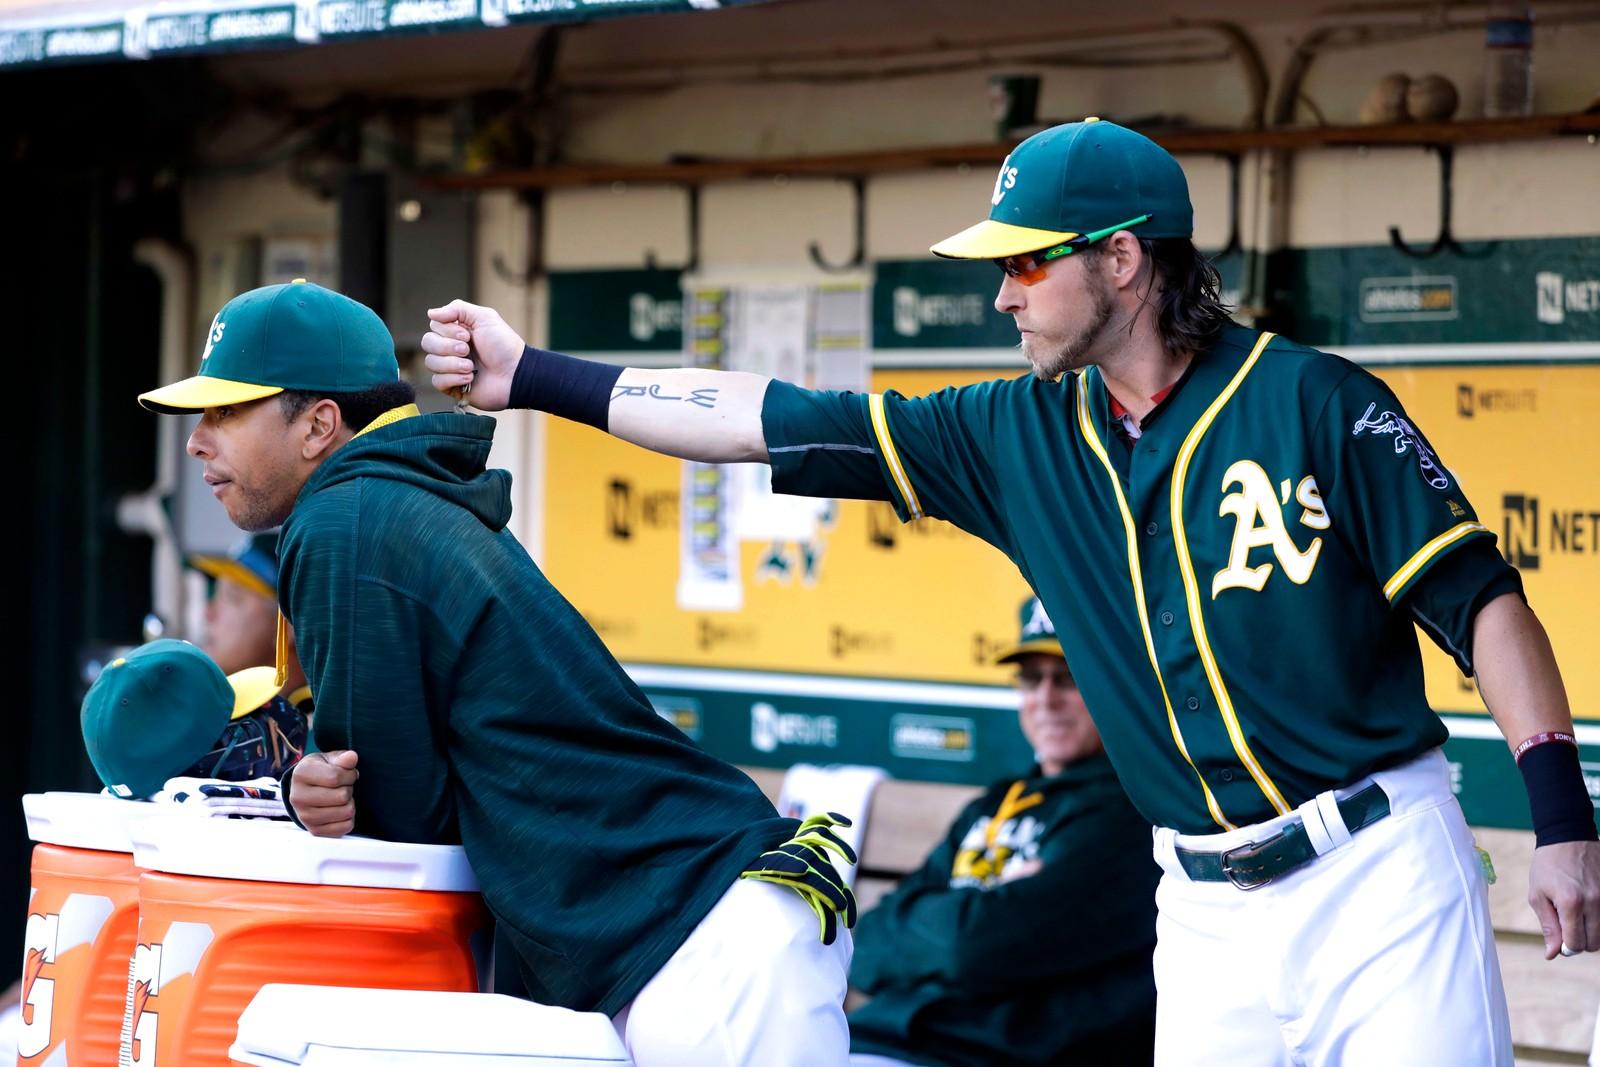 Baseballspøkefugl. Josh Reddick, som spiller for Astros Athletics, heller solsikkefrø i hetta til lagkameraten Tyler Ladendorf under en kamp mot Houston Astros den 18. juli.